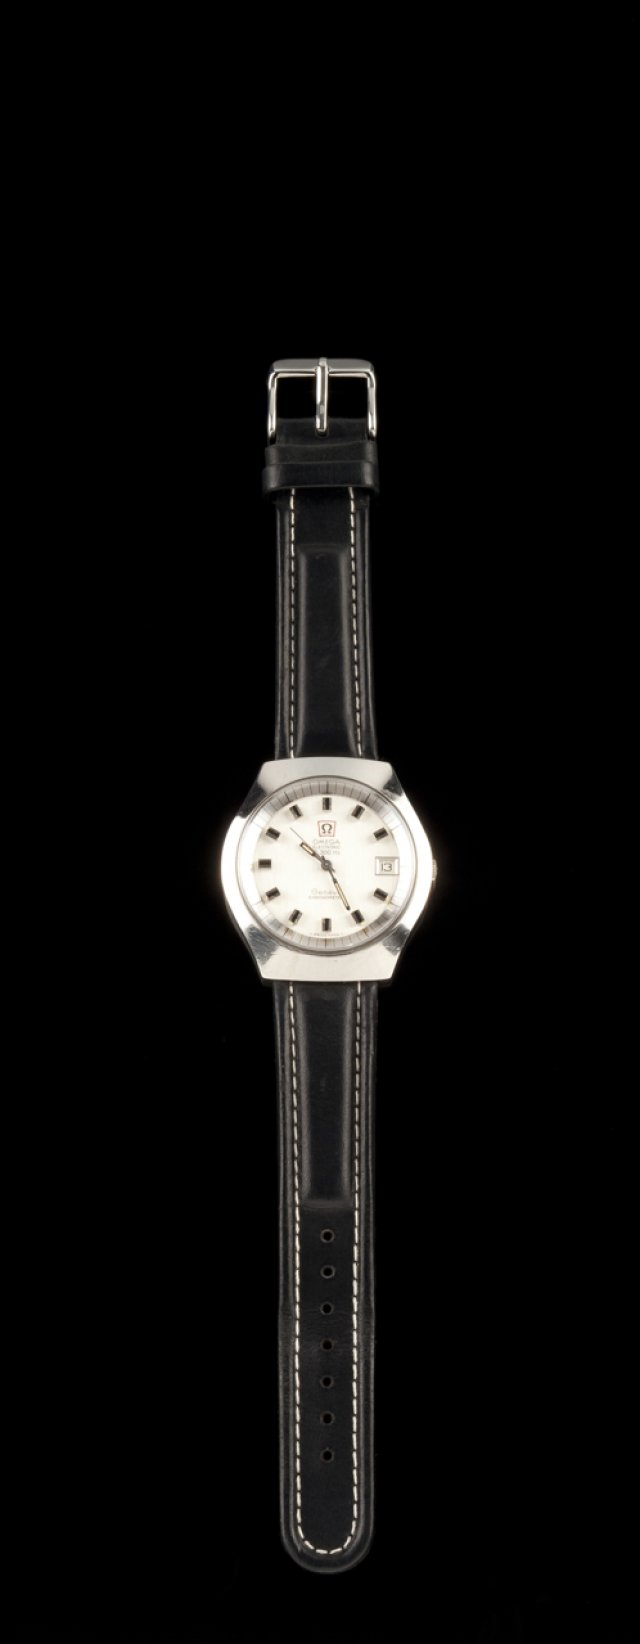 Relógio de pulso OMEGA F300 CHRONOMETER